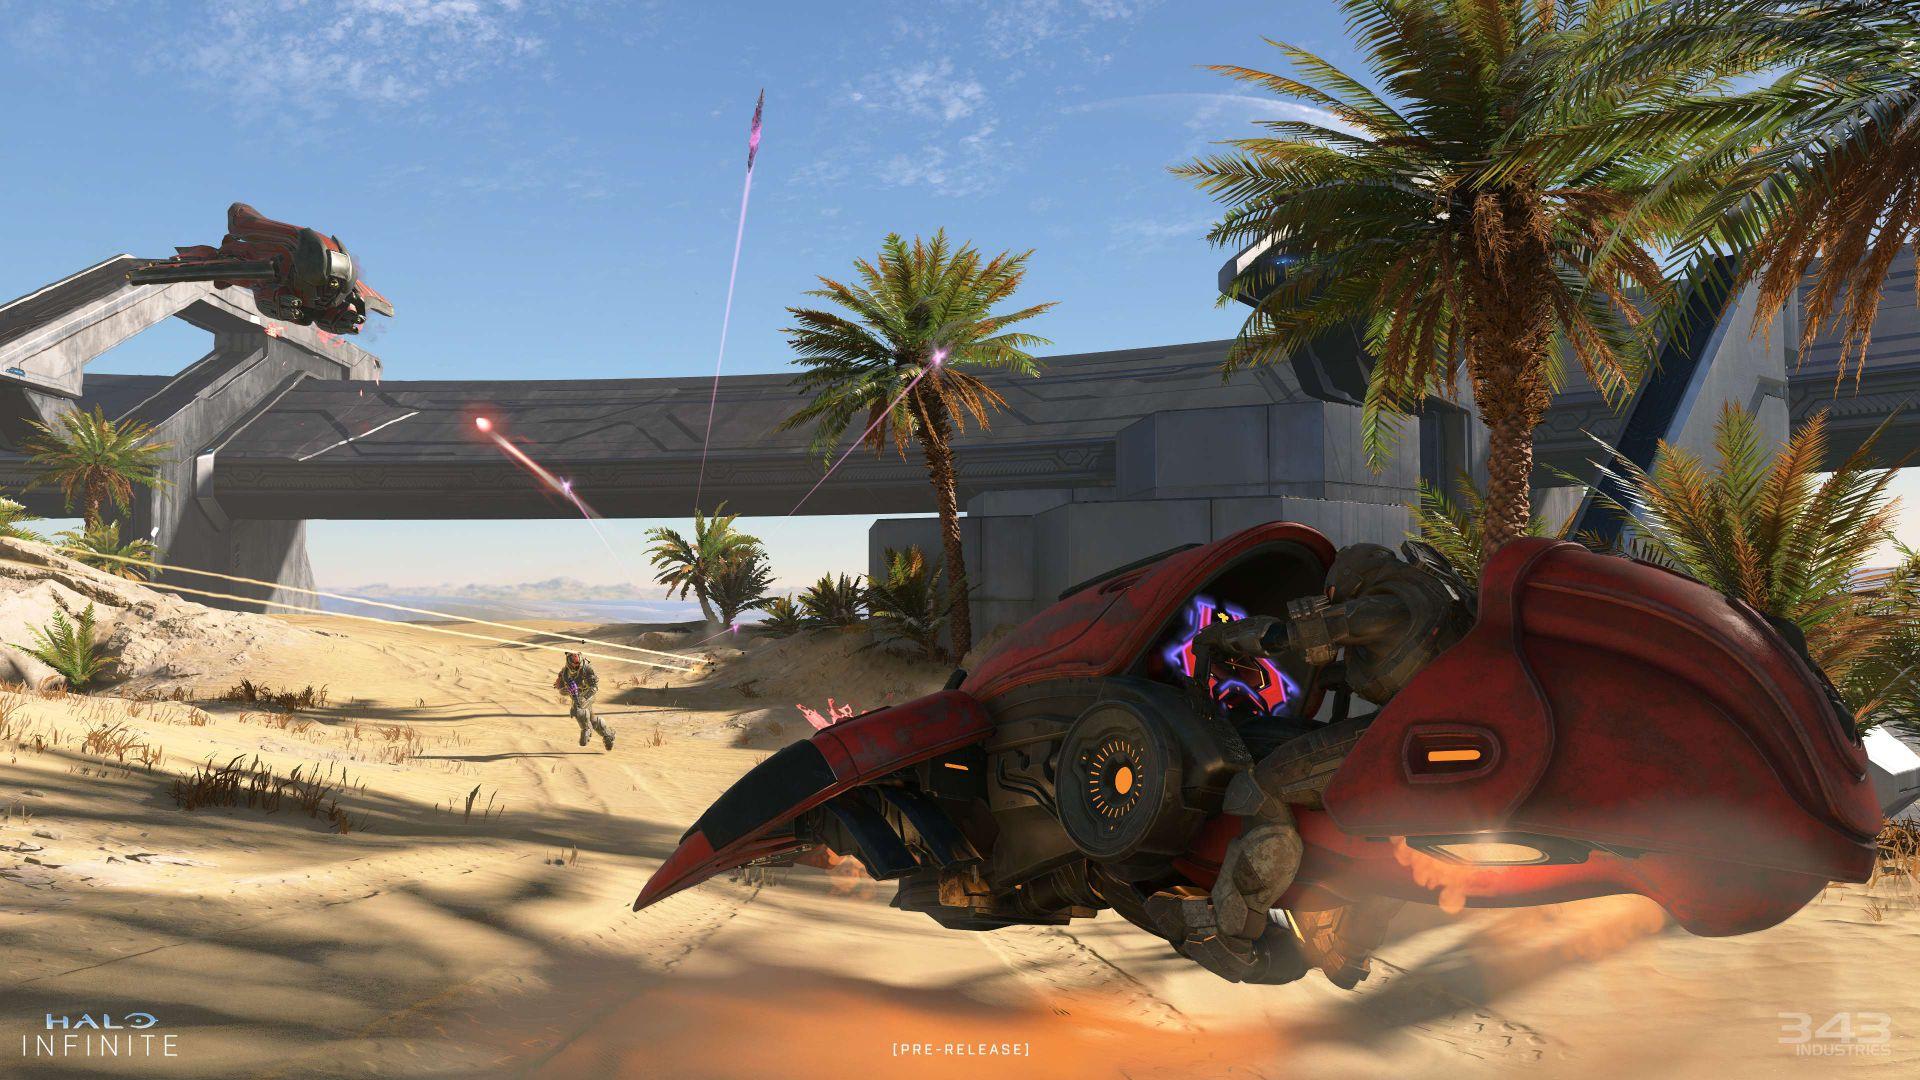 Estos son los mapas multijugador para Halo Infinite mostrados hasta ahora - 343 Industries ha mostrado nuevas imágenes de los mapas multijugador de Halo Infinite que hemos podido ver en nuevos gameplays.